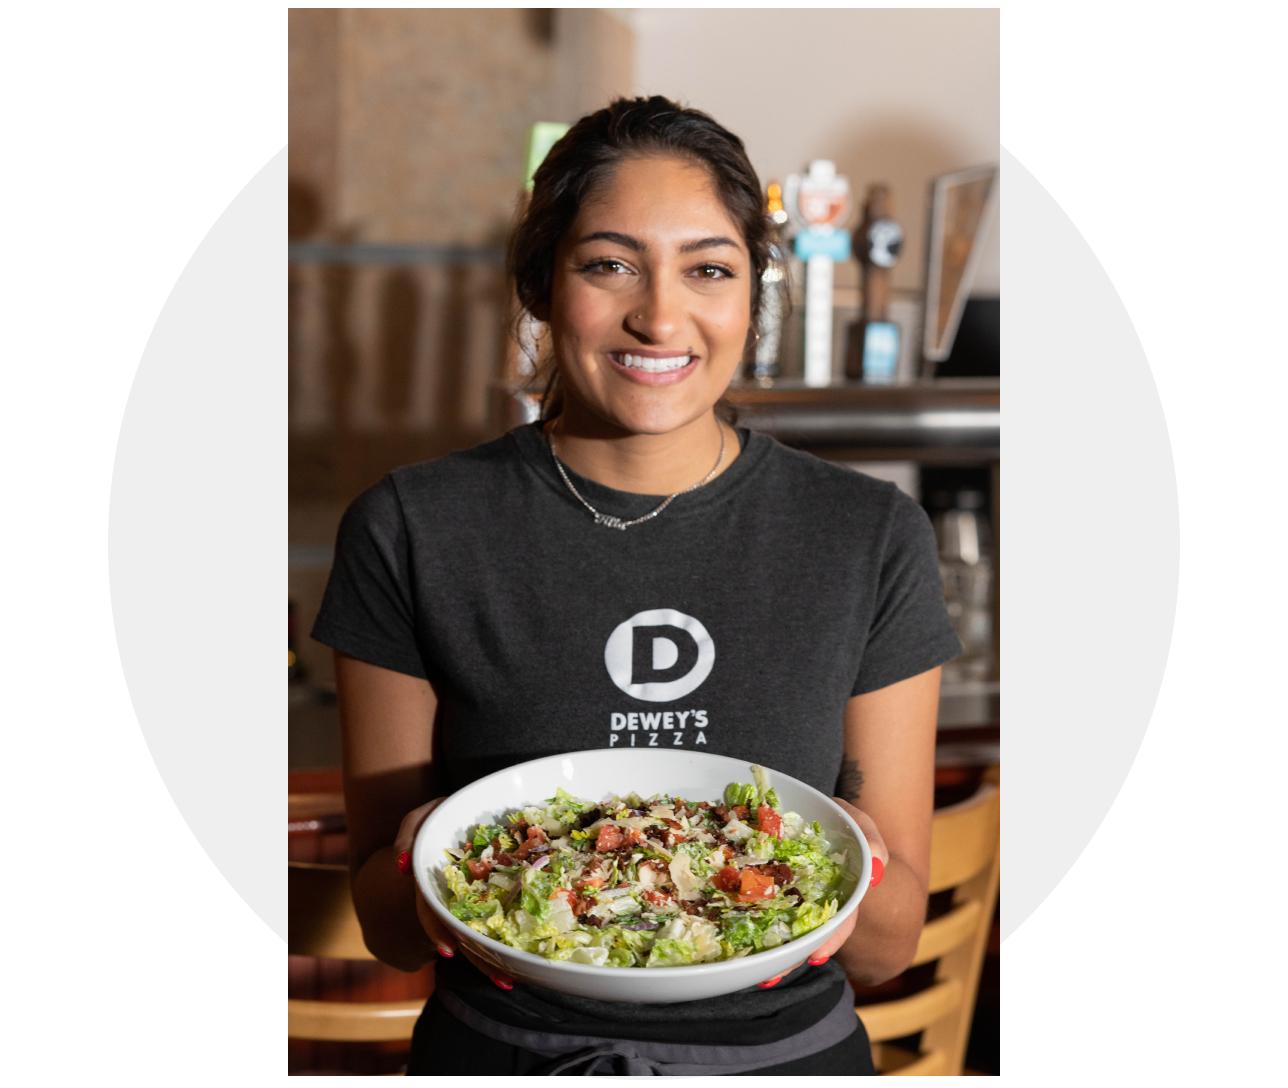 Deweys Pizza Restaurant waitress